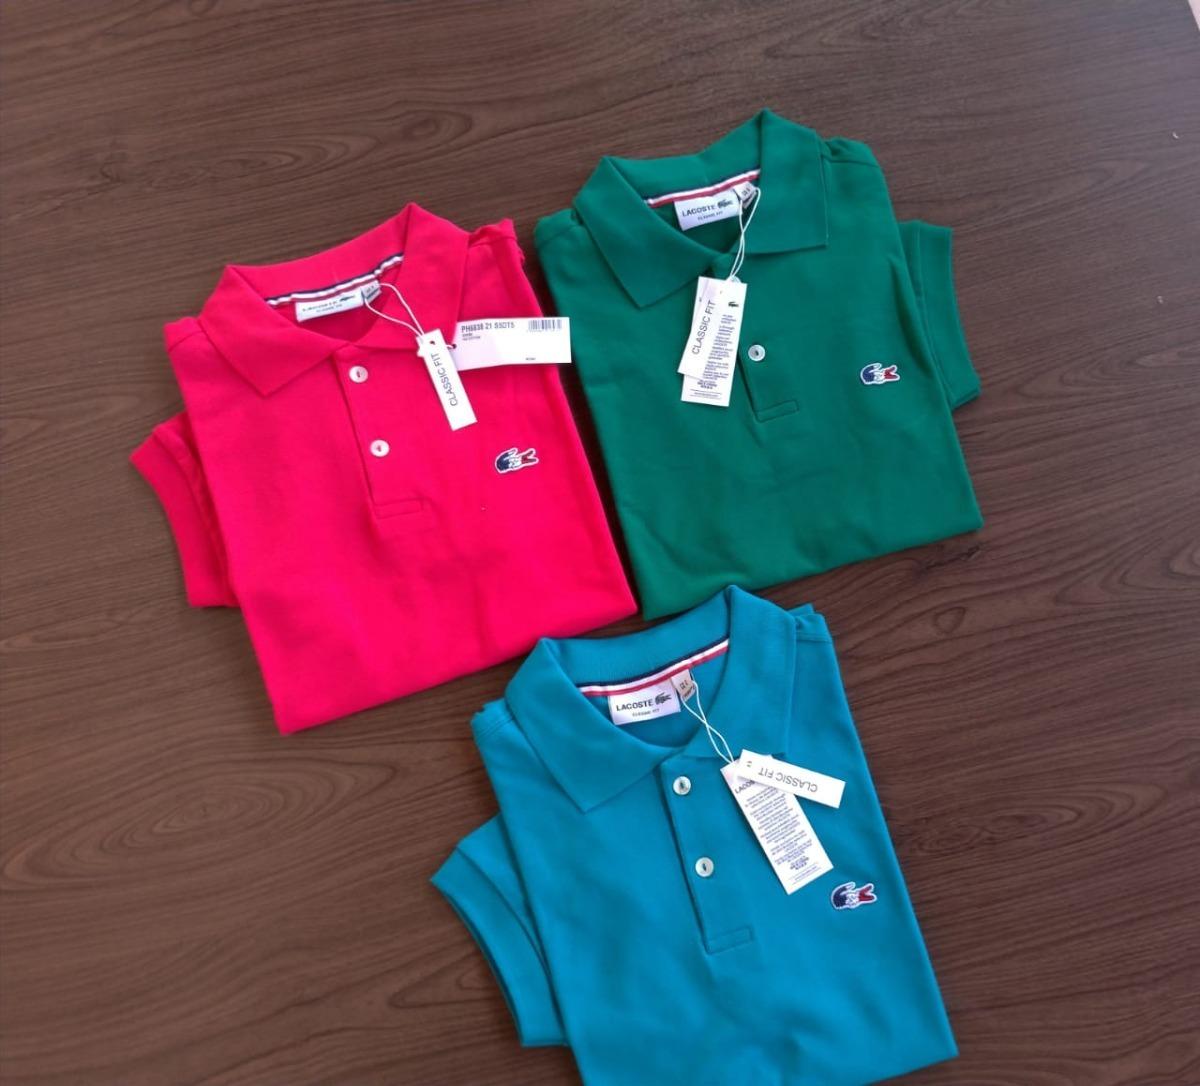 2 Polo Bordado França Importadas Peruanas Frete Gratis - R  139 abe5ea7073c0c